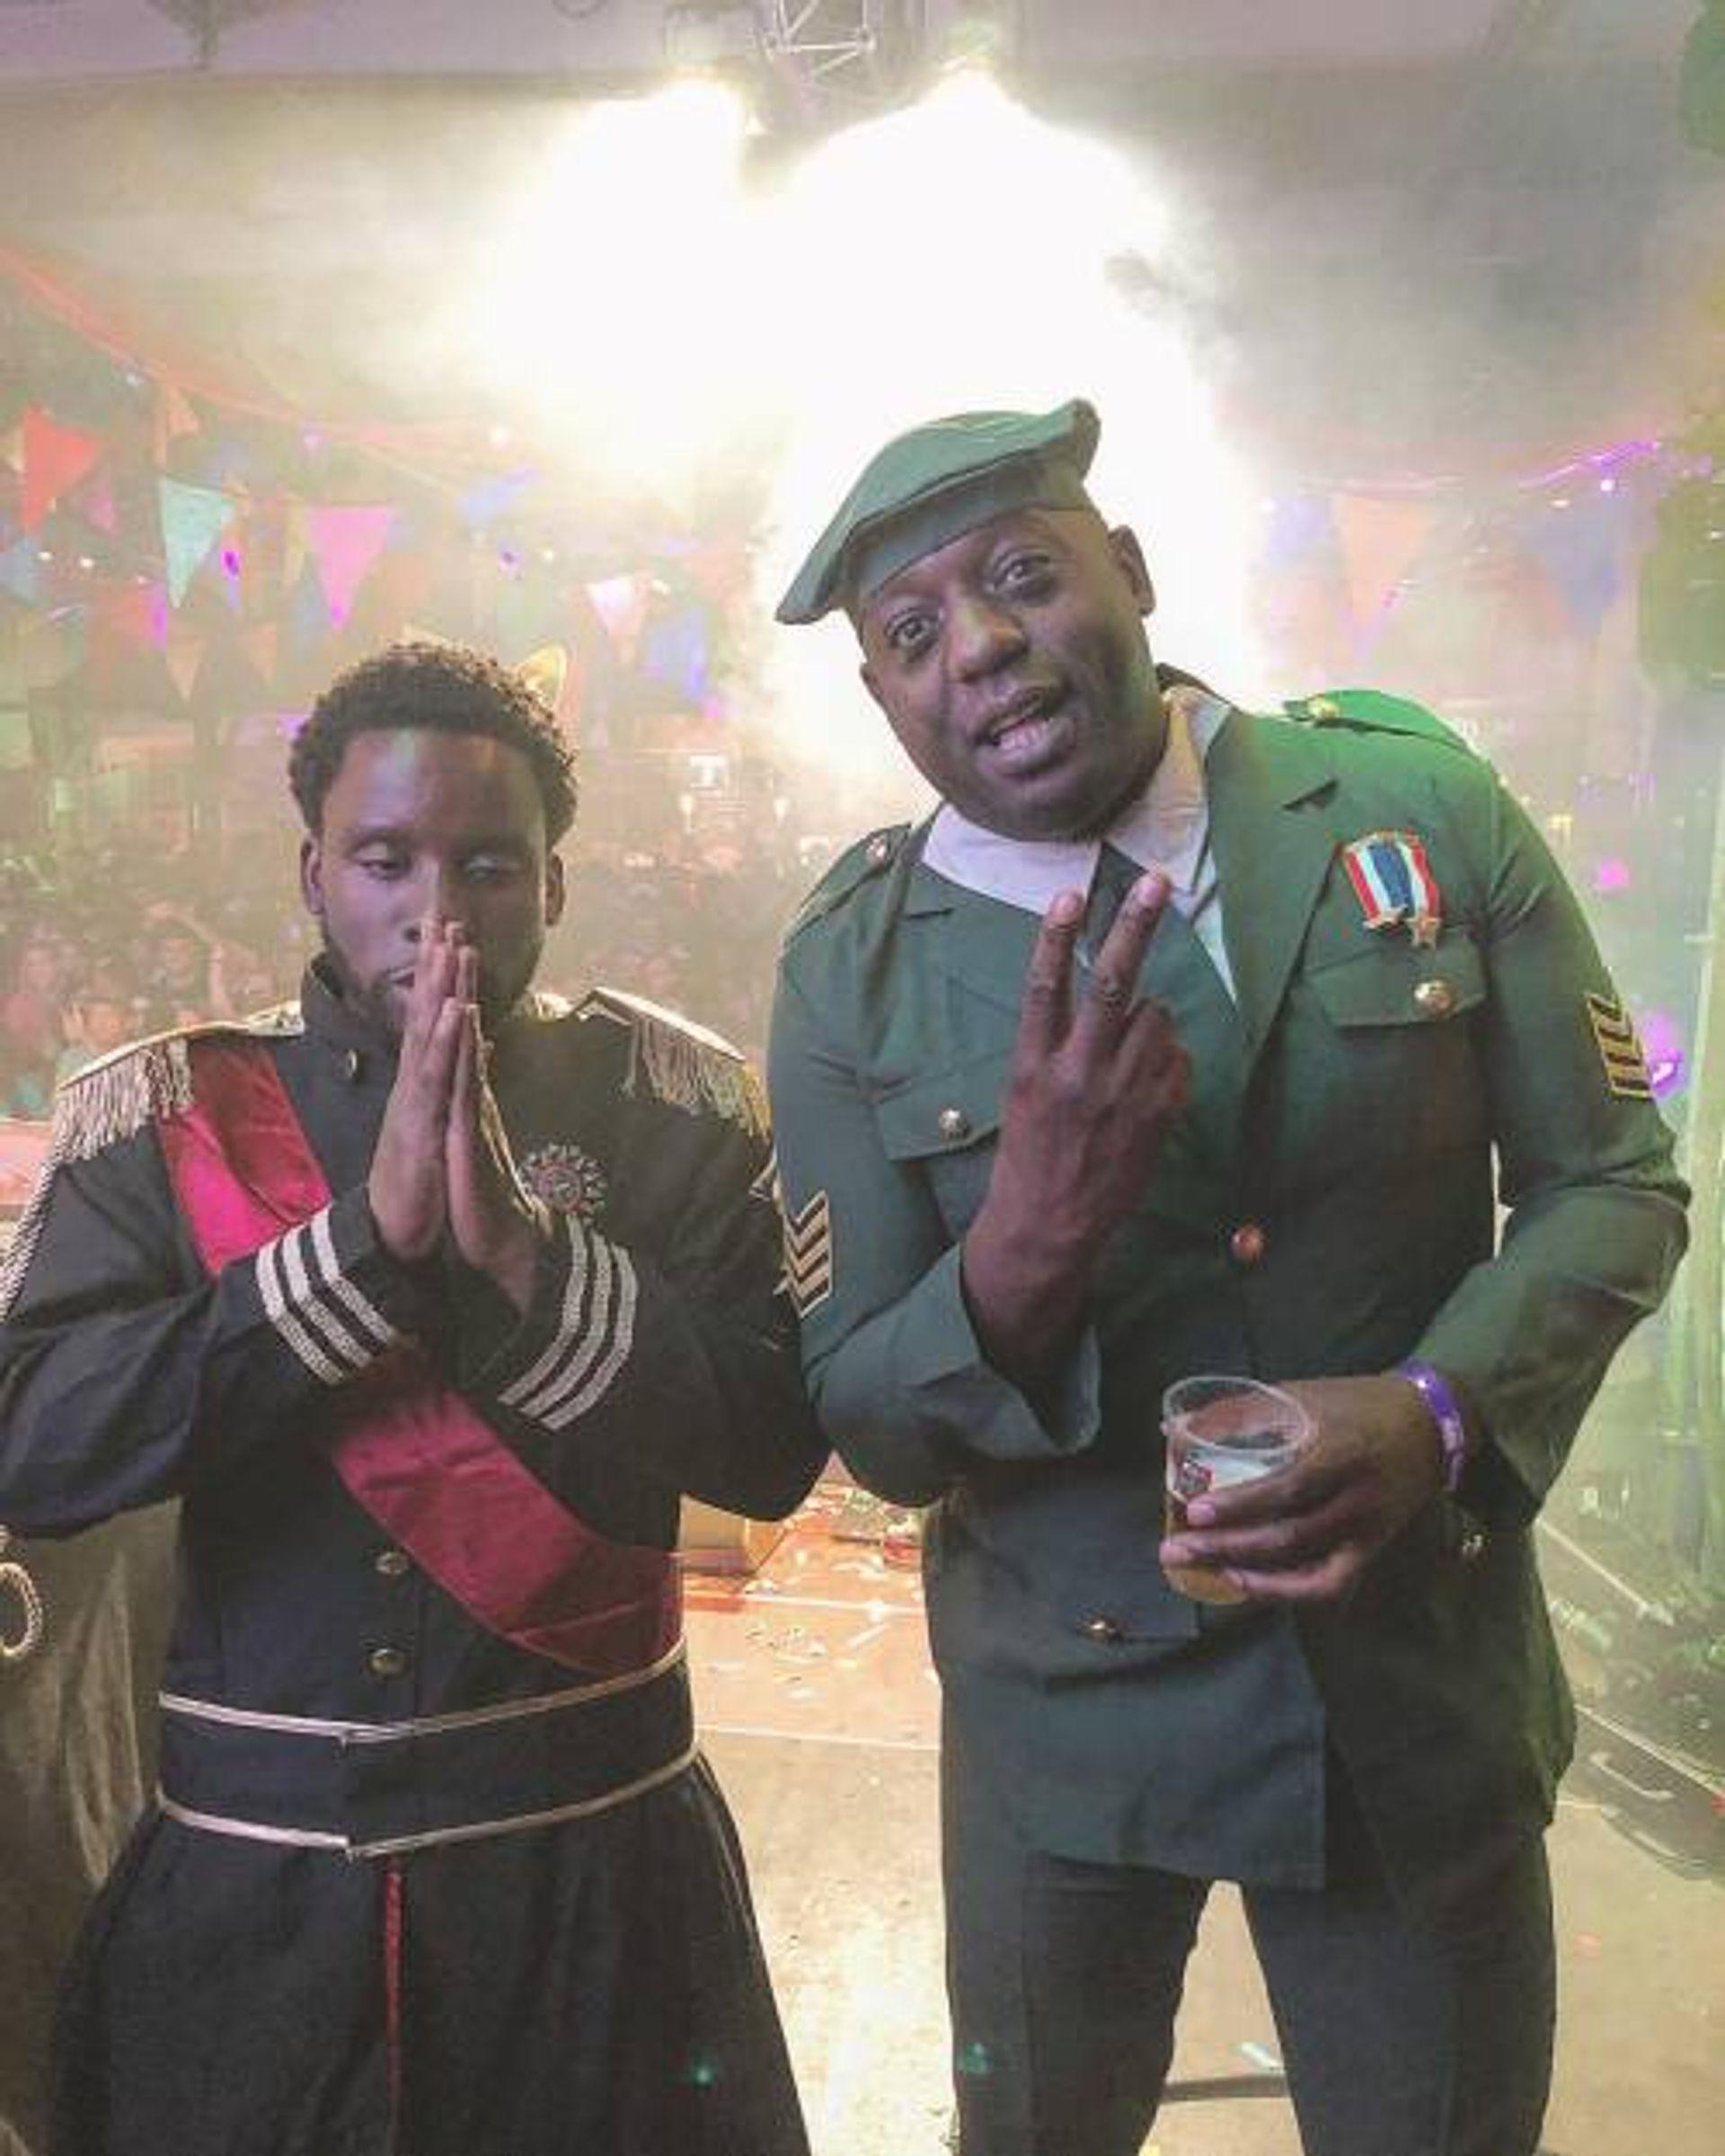 DJ Abstract gaat heel goed op deze nieuwe floorfiller van Lil Wayne